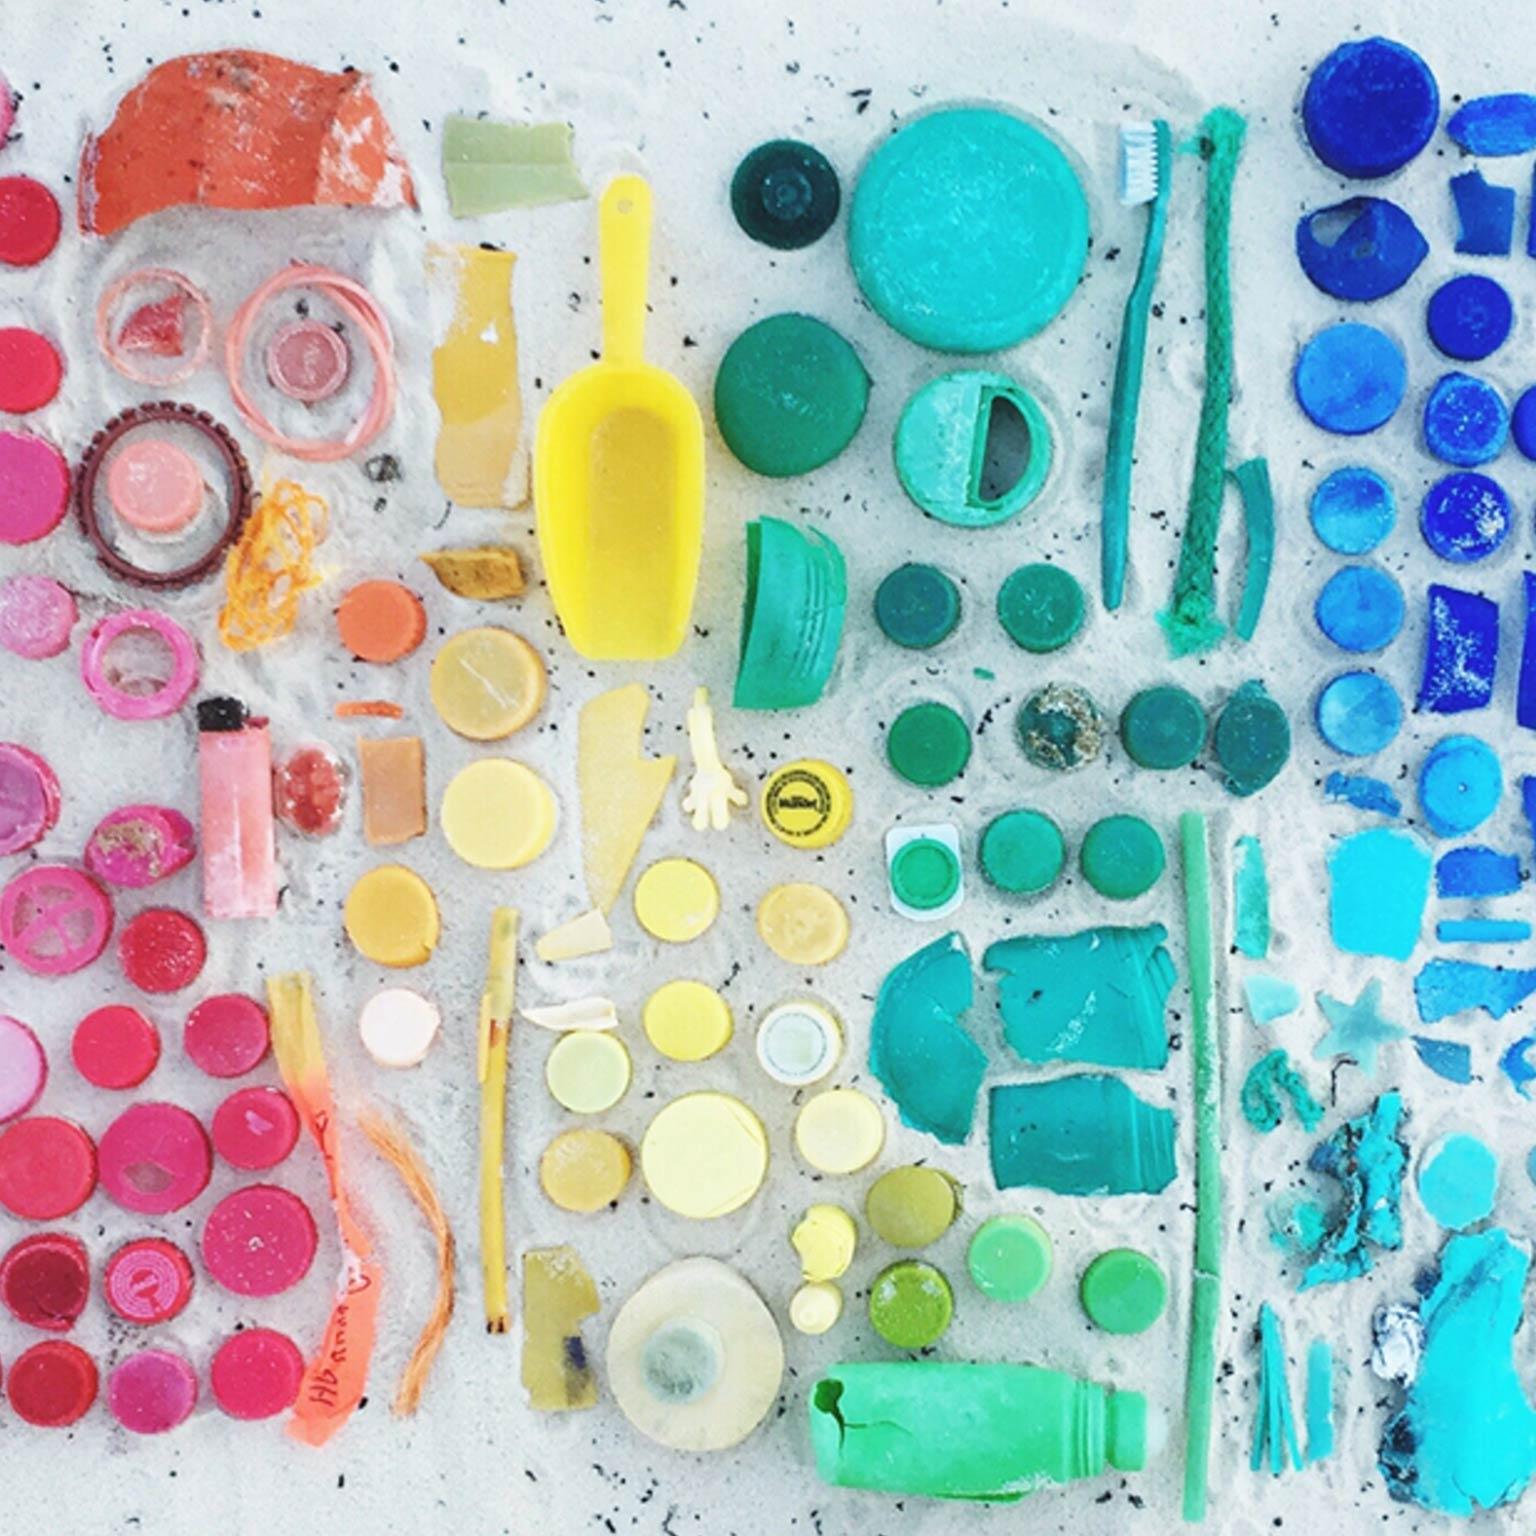 1) Plastic - 1869